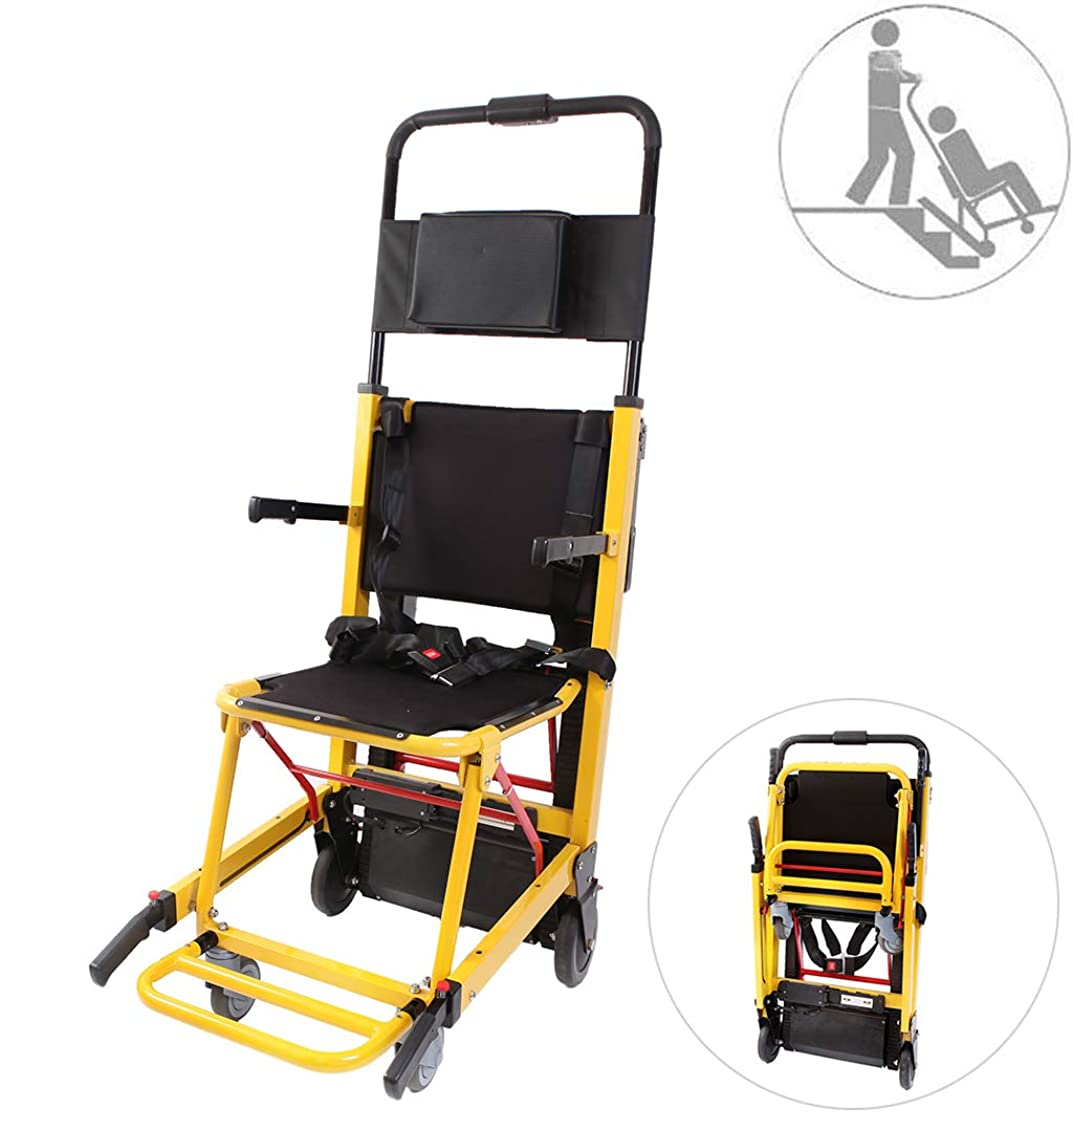 急勾配の事務所一貫性のないバッテリー駆動のトラック階段昇降チェアヘビーデューティーエマージェンシー軽量折りたたみ避難階段椅子、積載量365ポンド